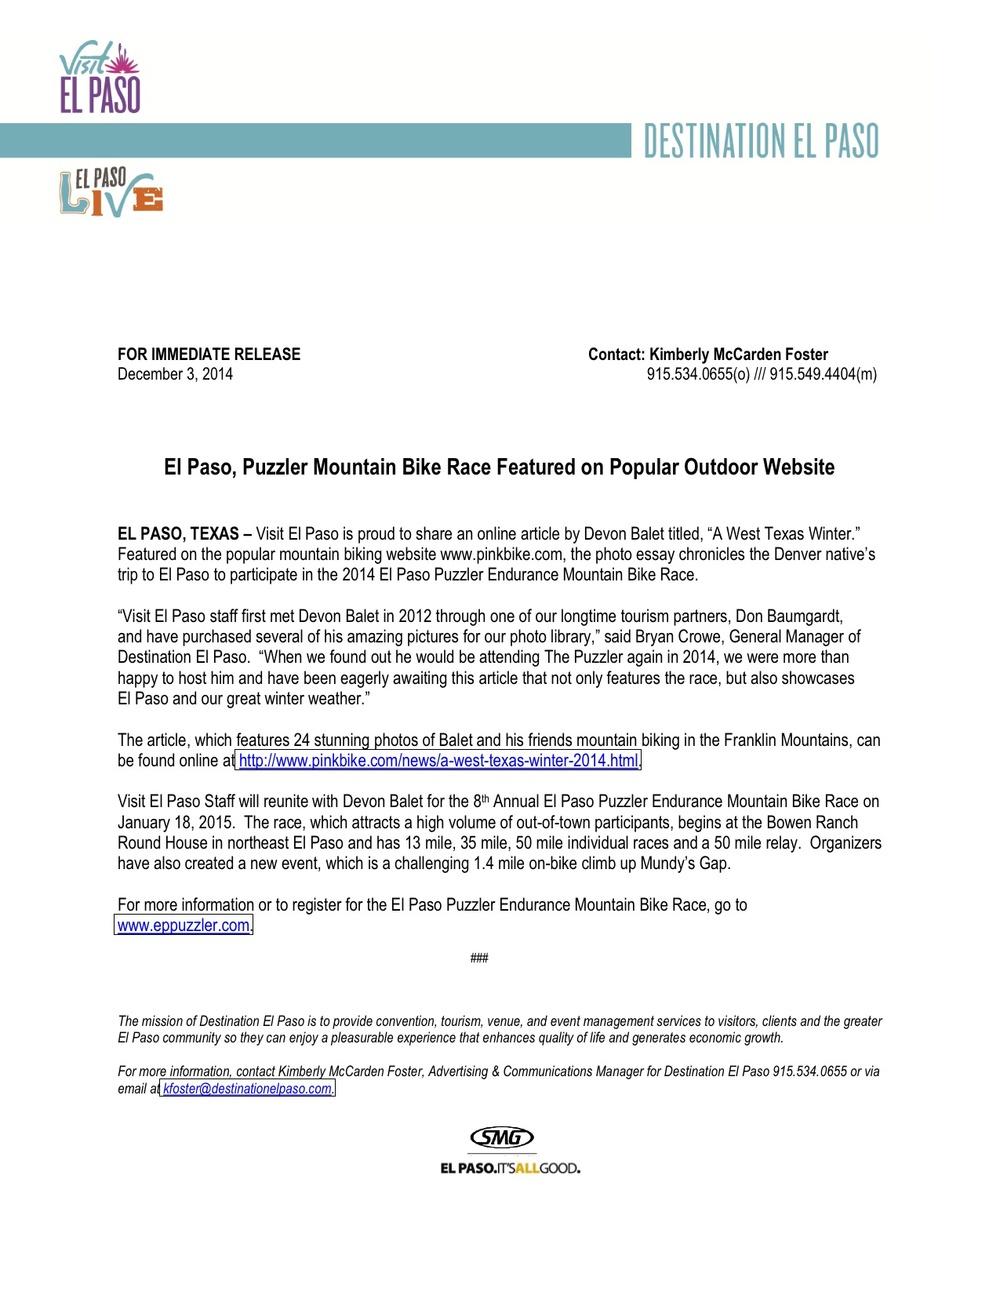 Visit El Paso Newsletter